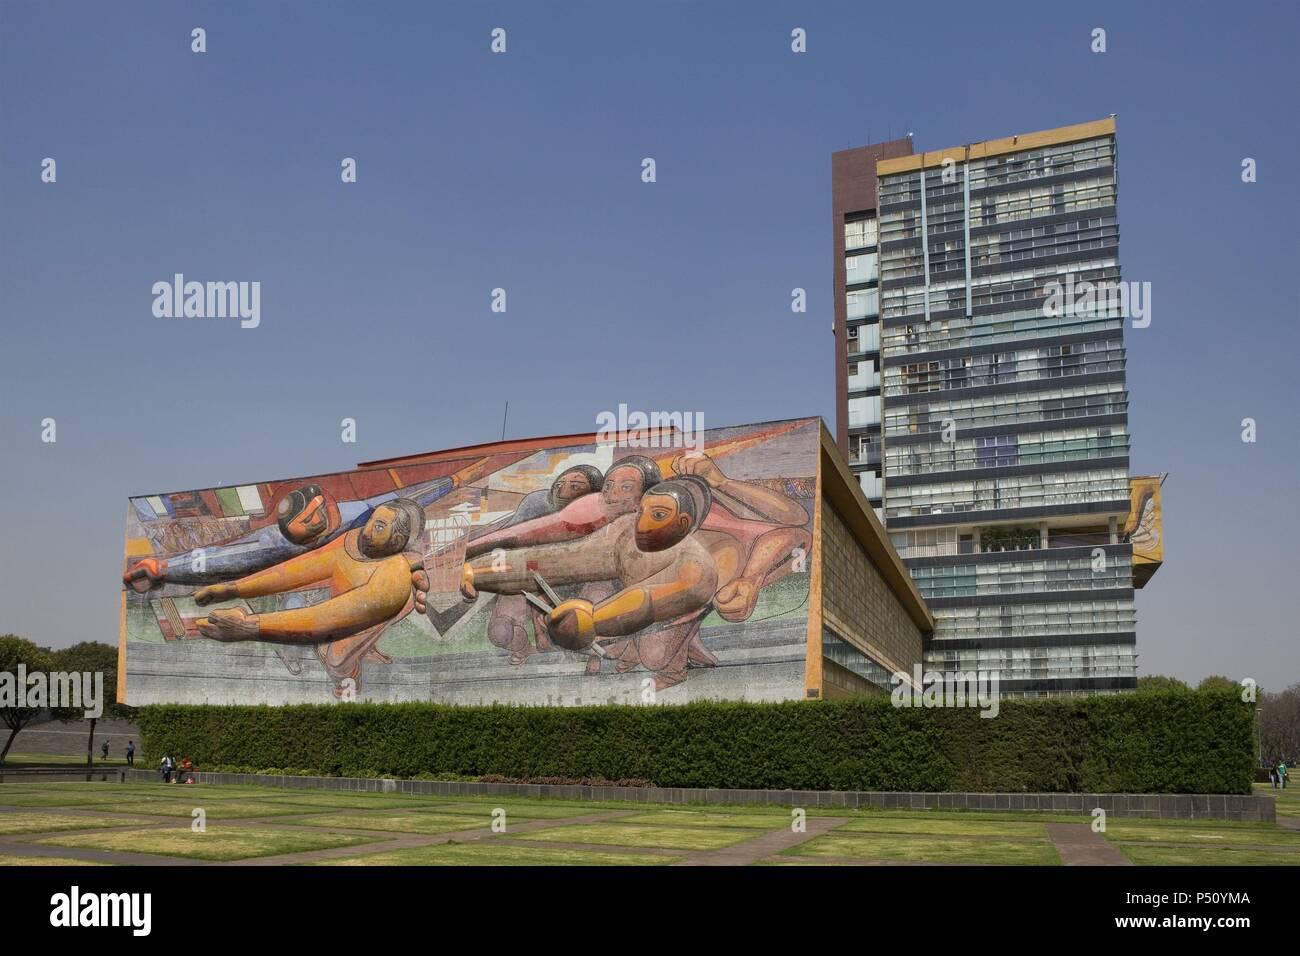 ARTE SIGLO XX. AMERICA. SIQUEIROS, David Alfaro (1898-1974). Artista mexicano. MURAL 'LAS FECHAS DE LA HISTORIA' (1952-1956). Situado en el campus de la Universidad Nacional Autónoma de México (UNAM), declarada Patrimonio Cultural de la Humanidad por la UNESCO, junto al EDIFICIO DE LA RECTORIA. MEXICO D. F. México. - Stock Image